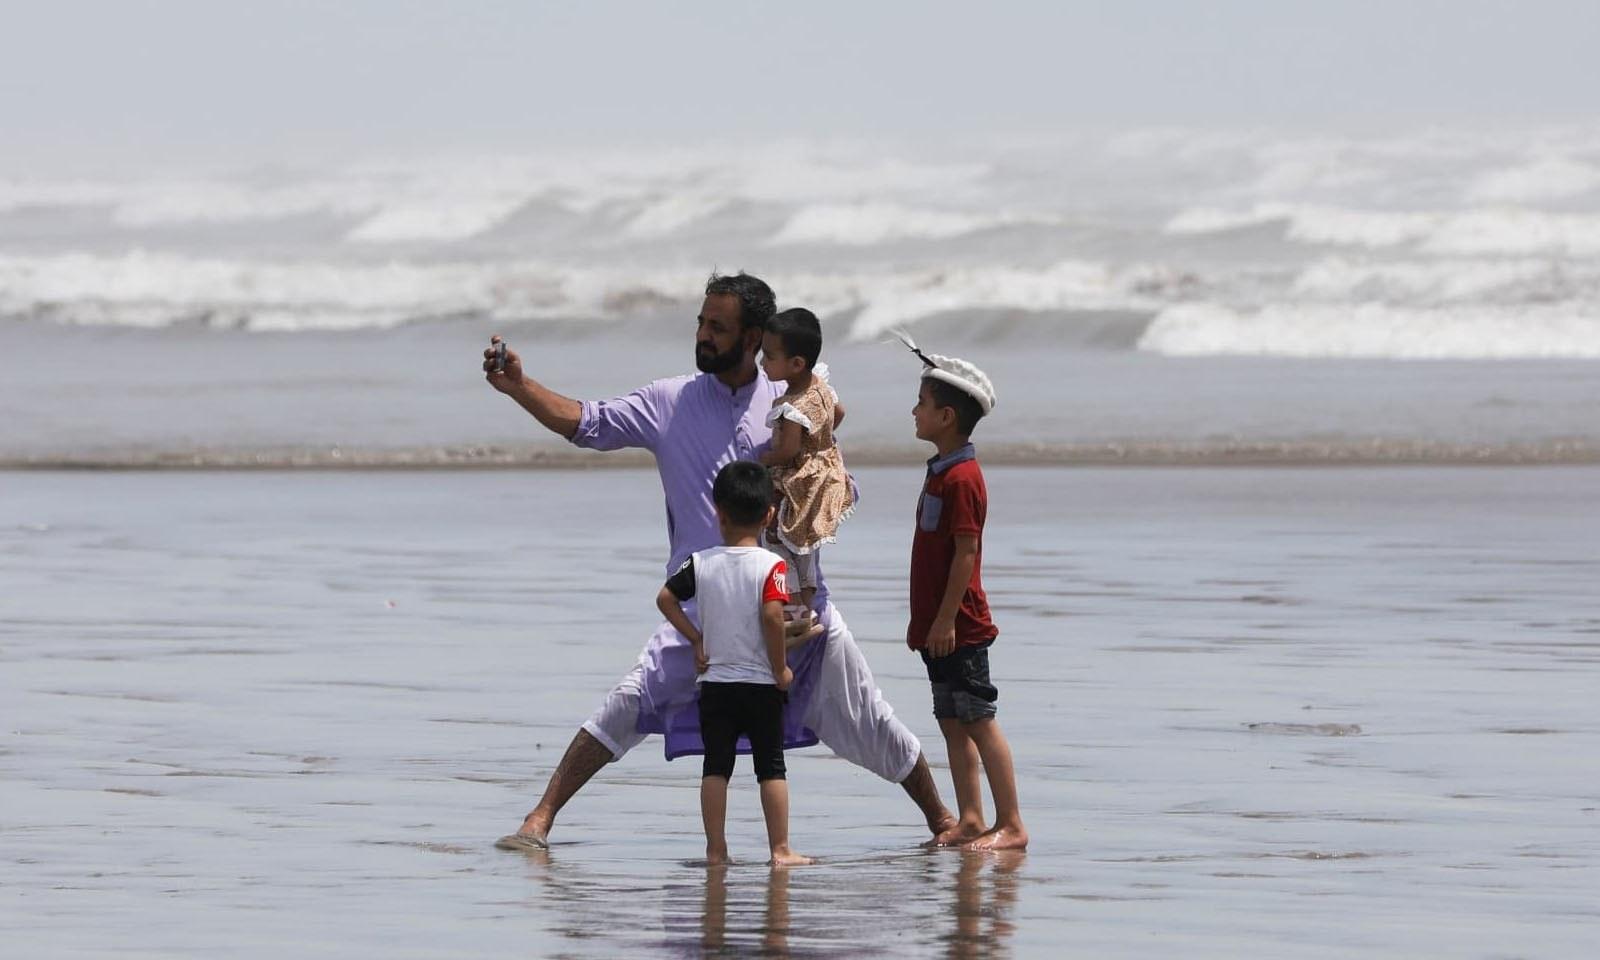 بعض شہریوں نے تفریح کے لیے کلفٹن ساحل کا رخ کیا—فوٹو: رائٹرز